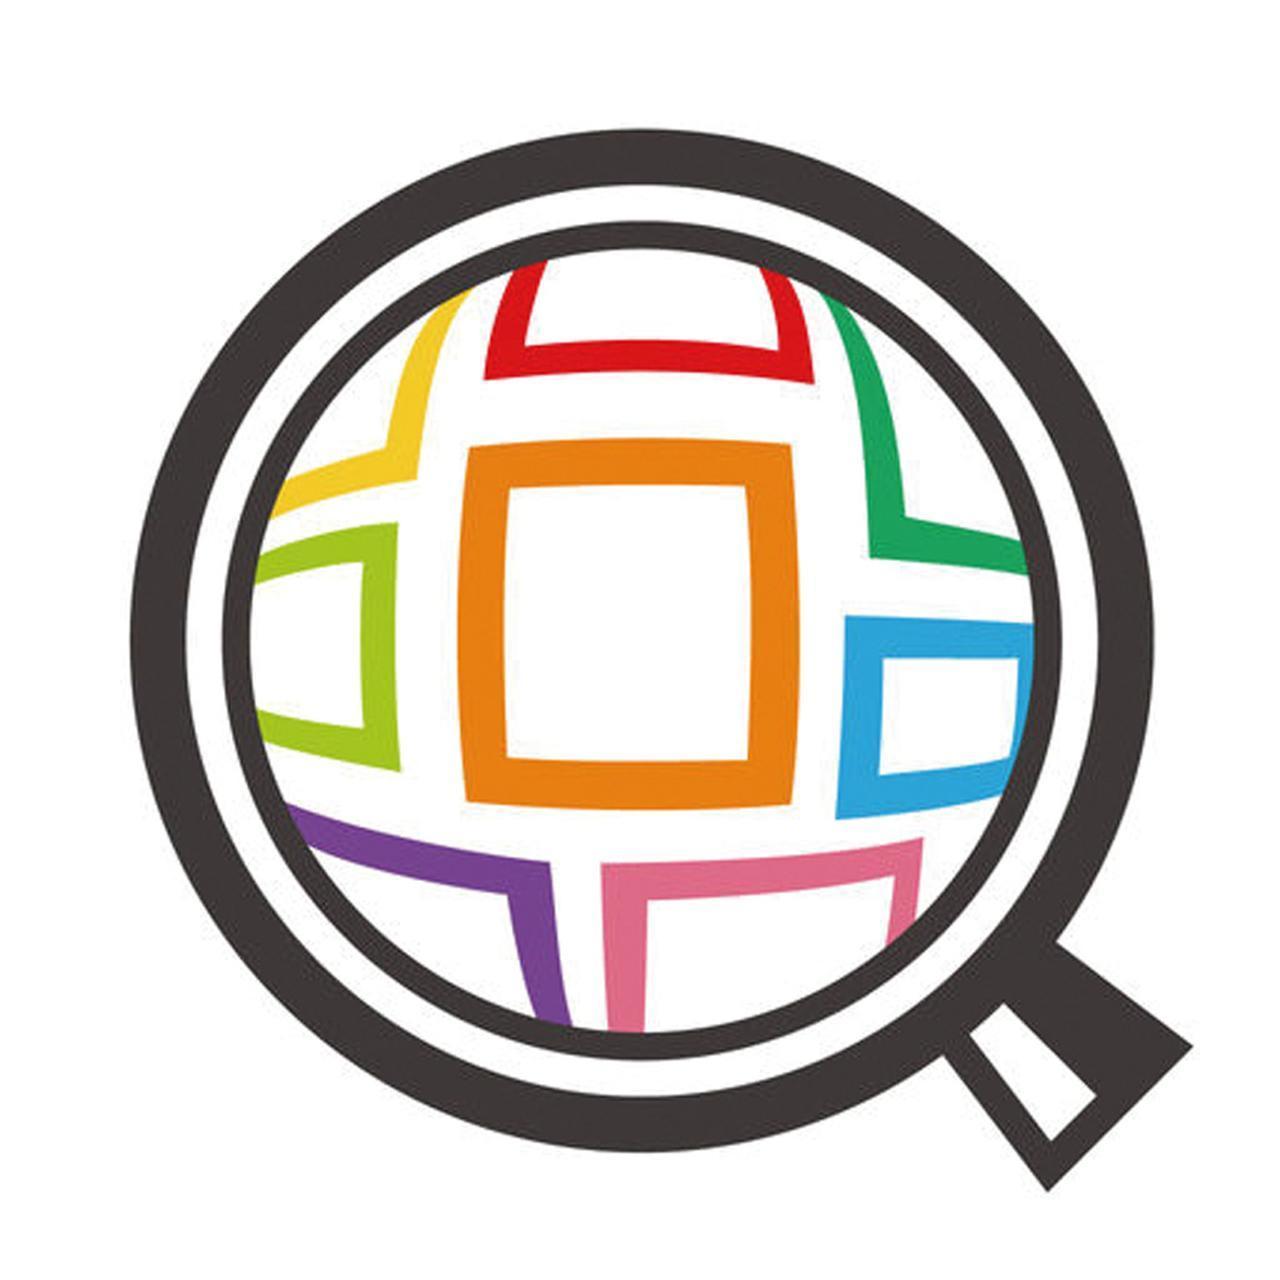 画像1: ❸全国1500以上の美術館や博物館のアートチラシを鑑賞